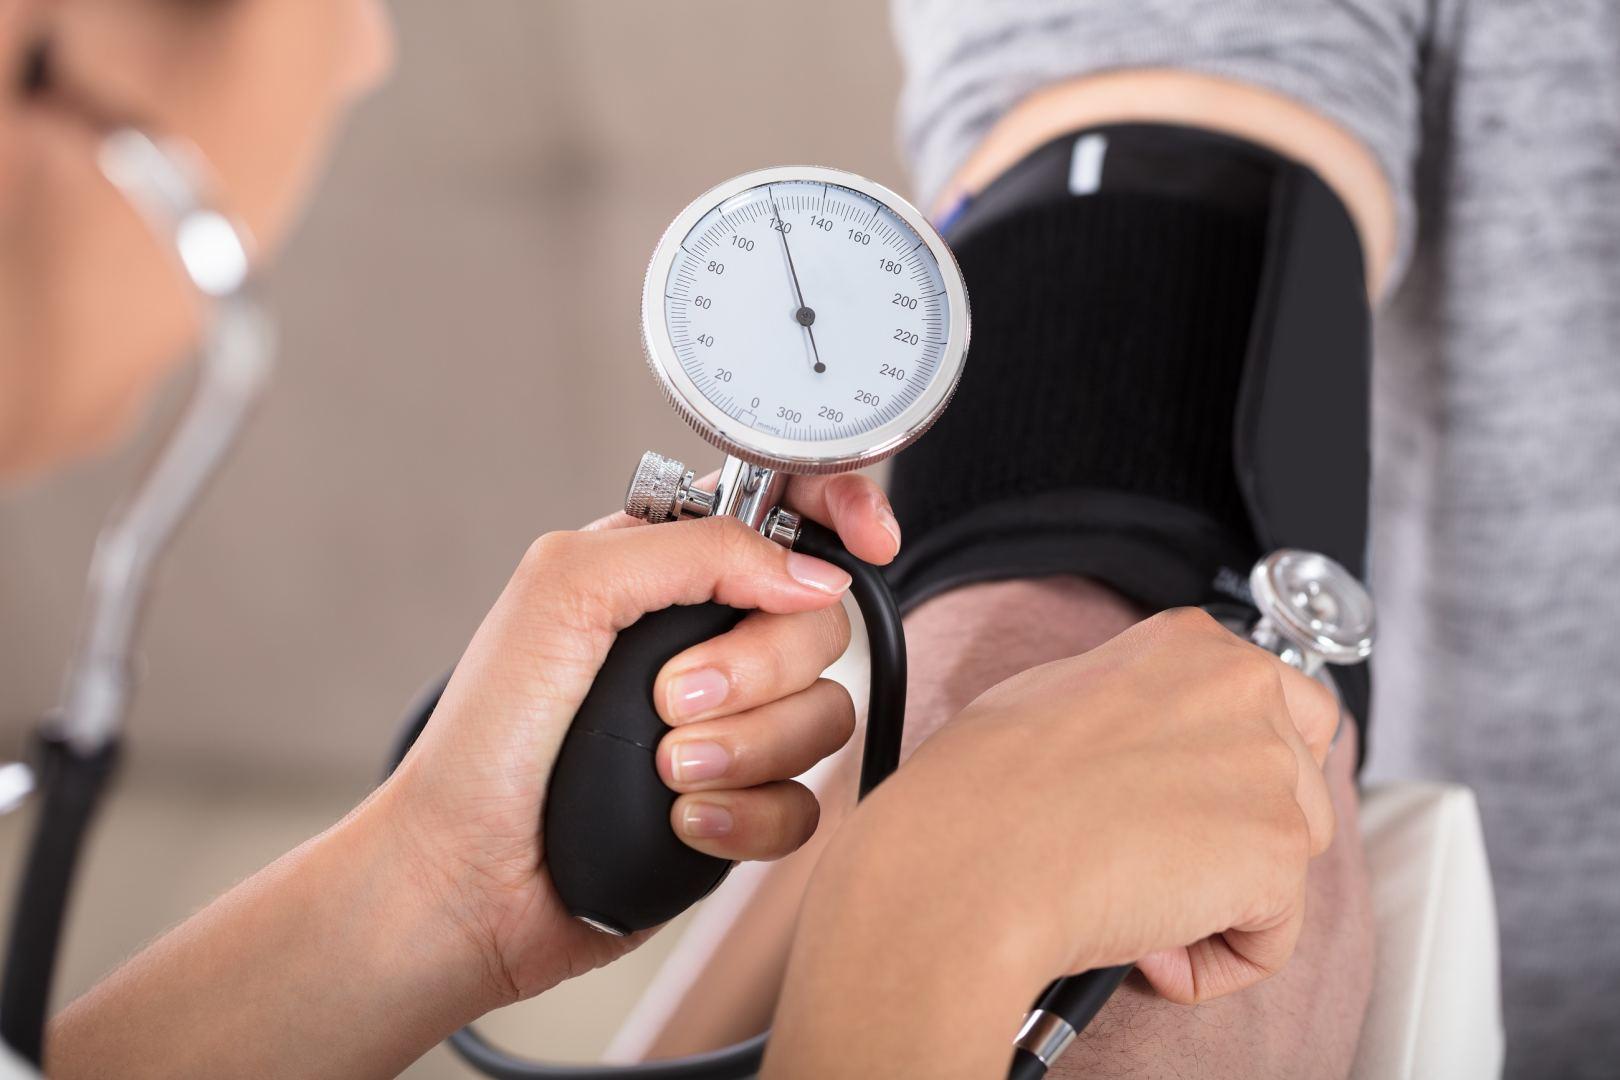 Kaip greitai sumažinti kraujo spaudimą? - Distonija November